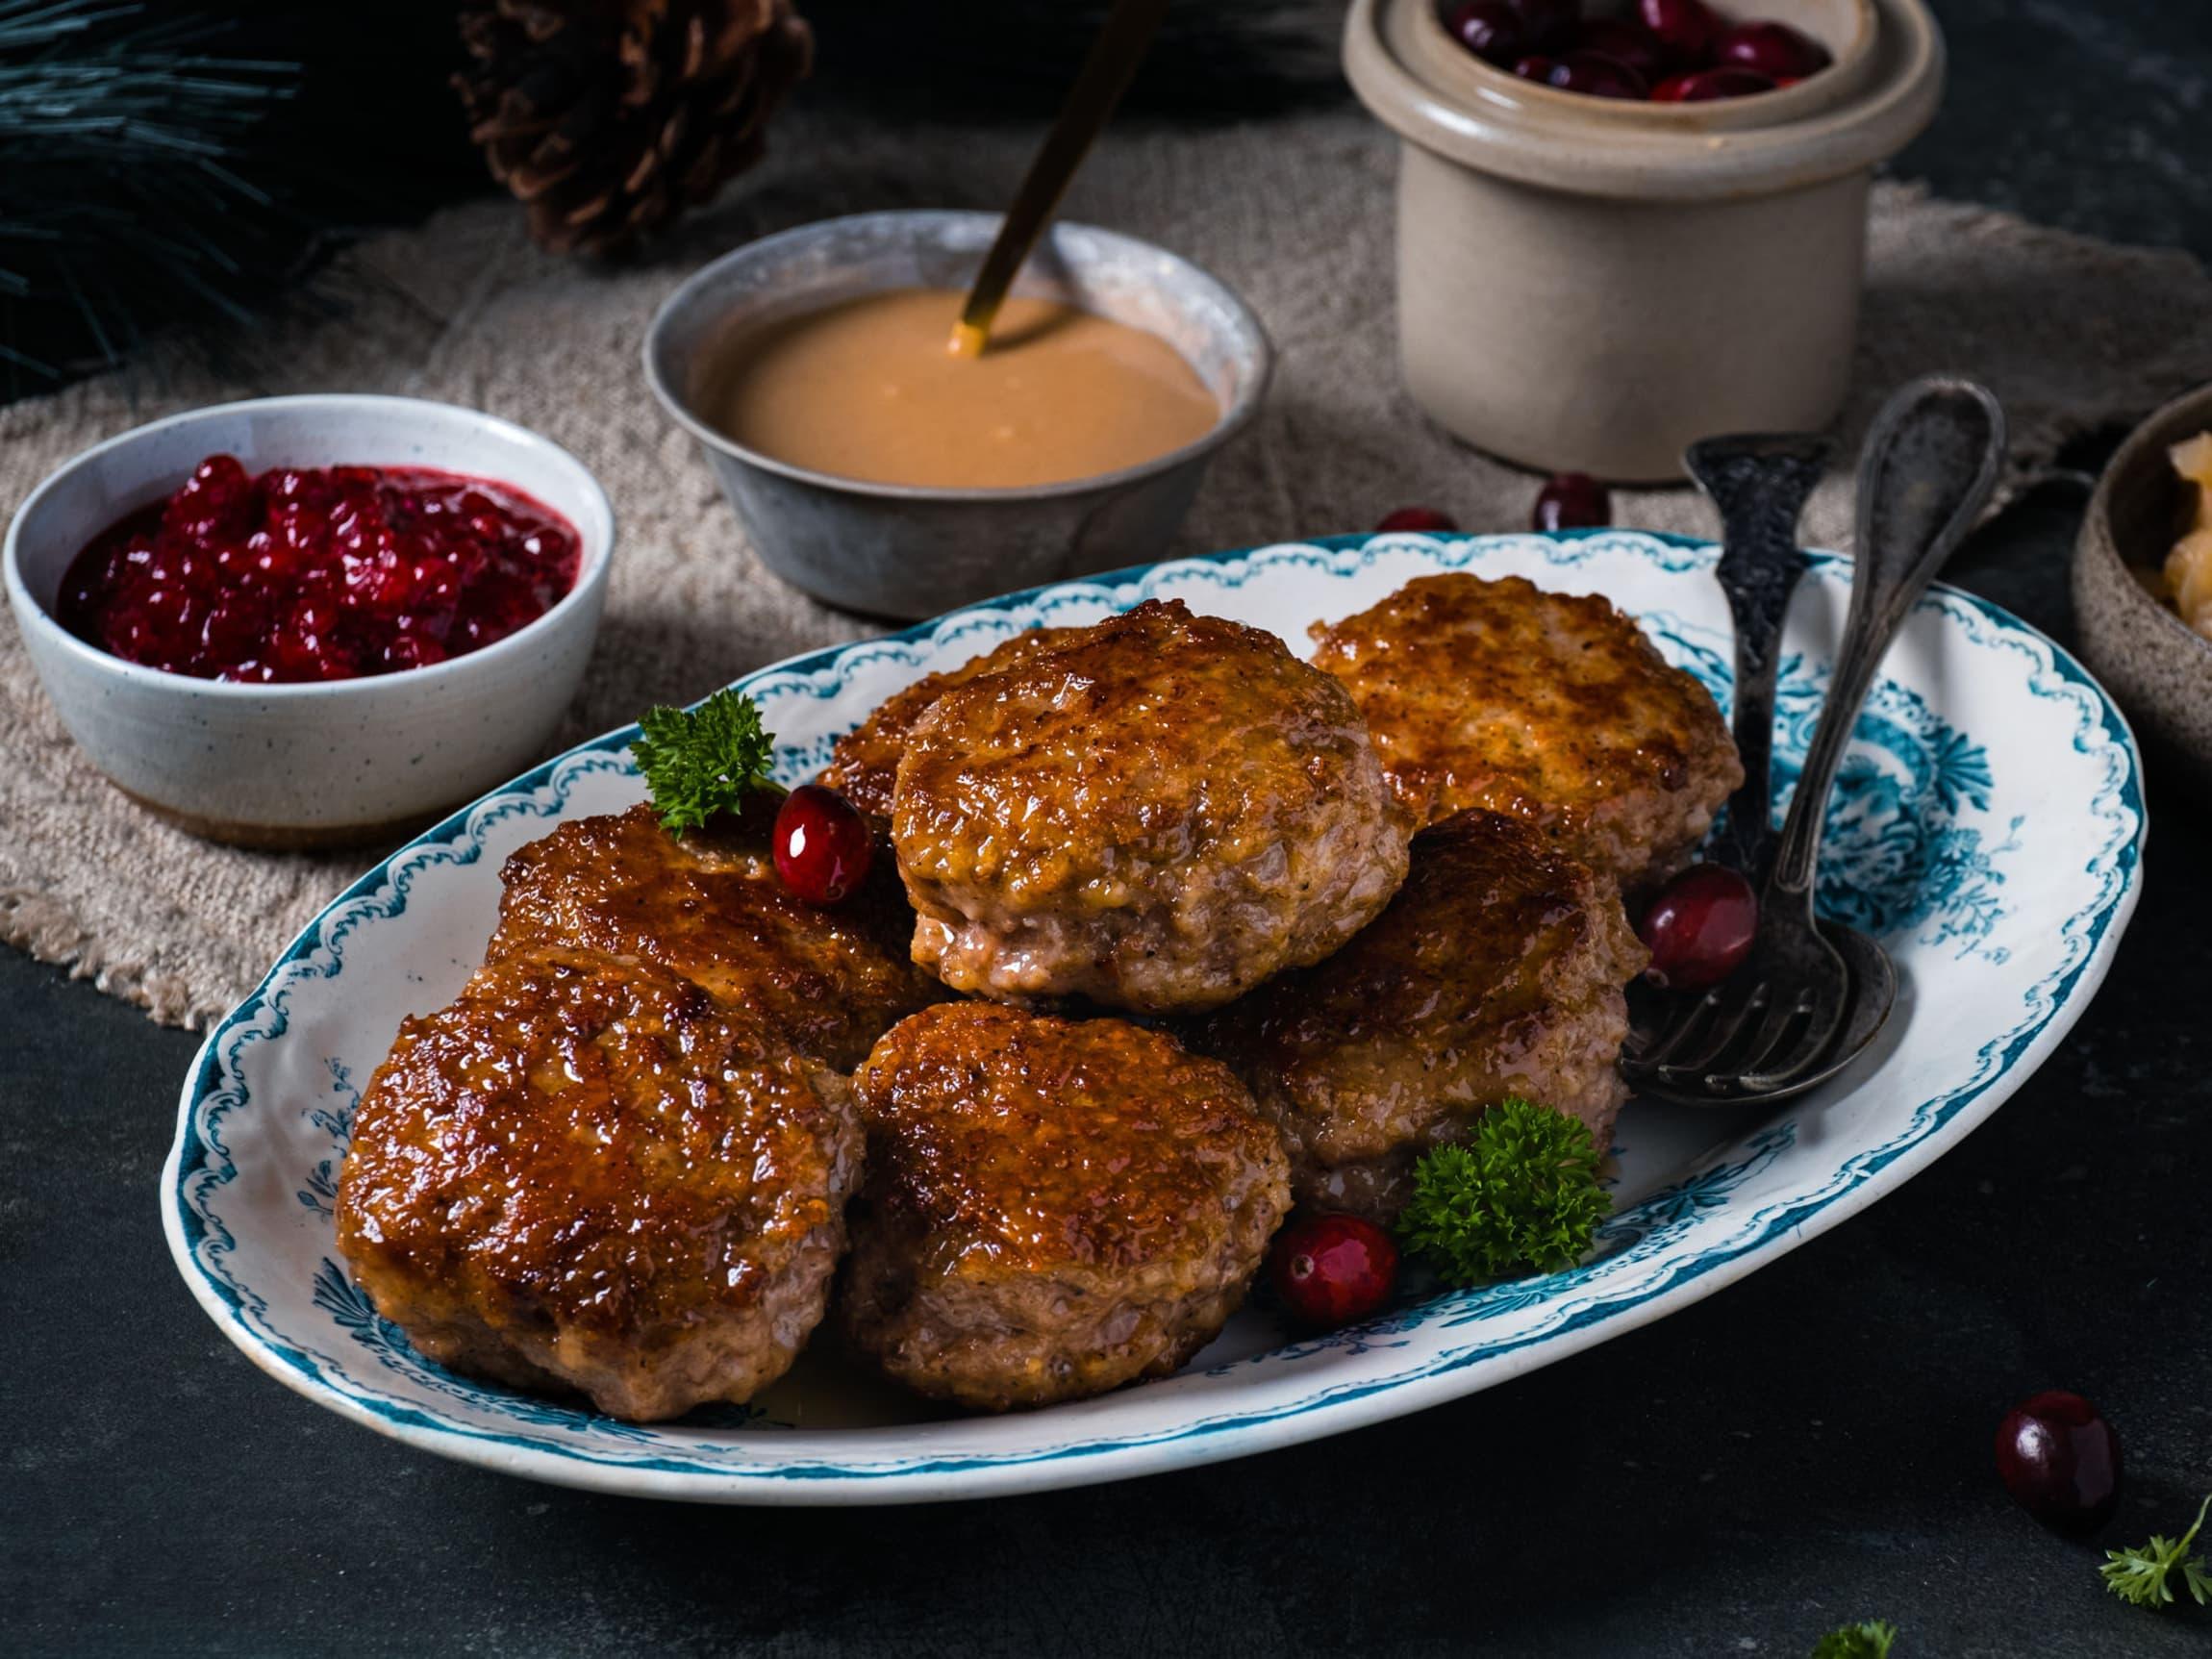 Tilbehøret som saus, julepølser, medisterkaker og sosisser får du i år til en fast julepris hos MENY.